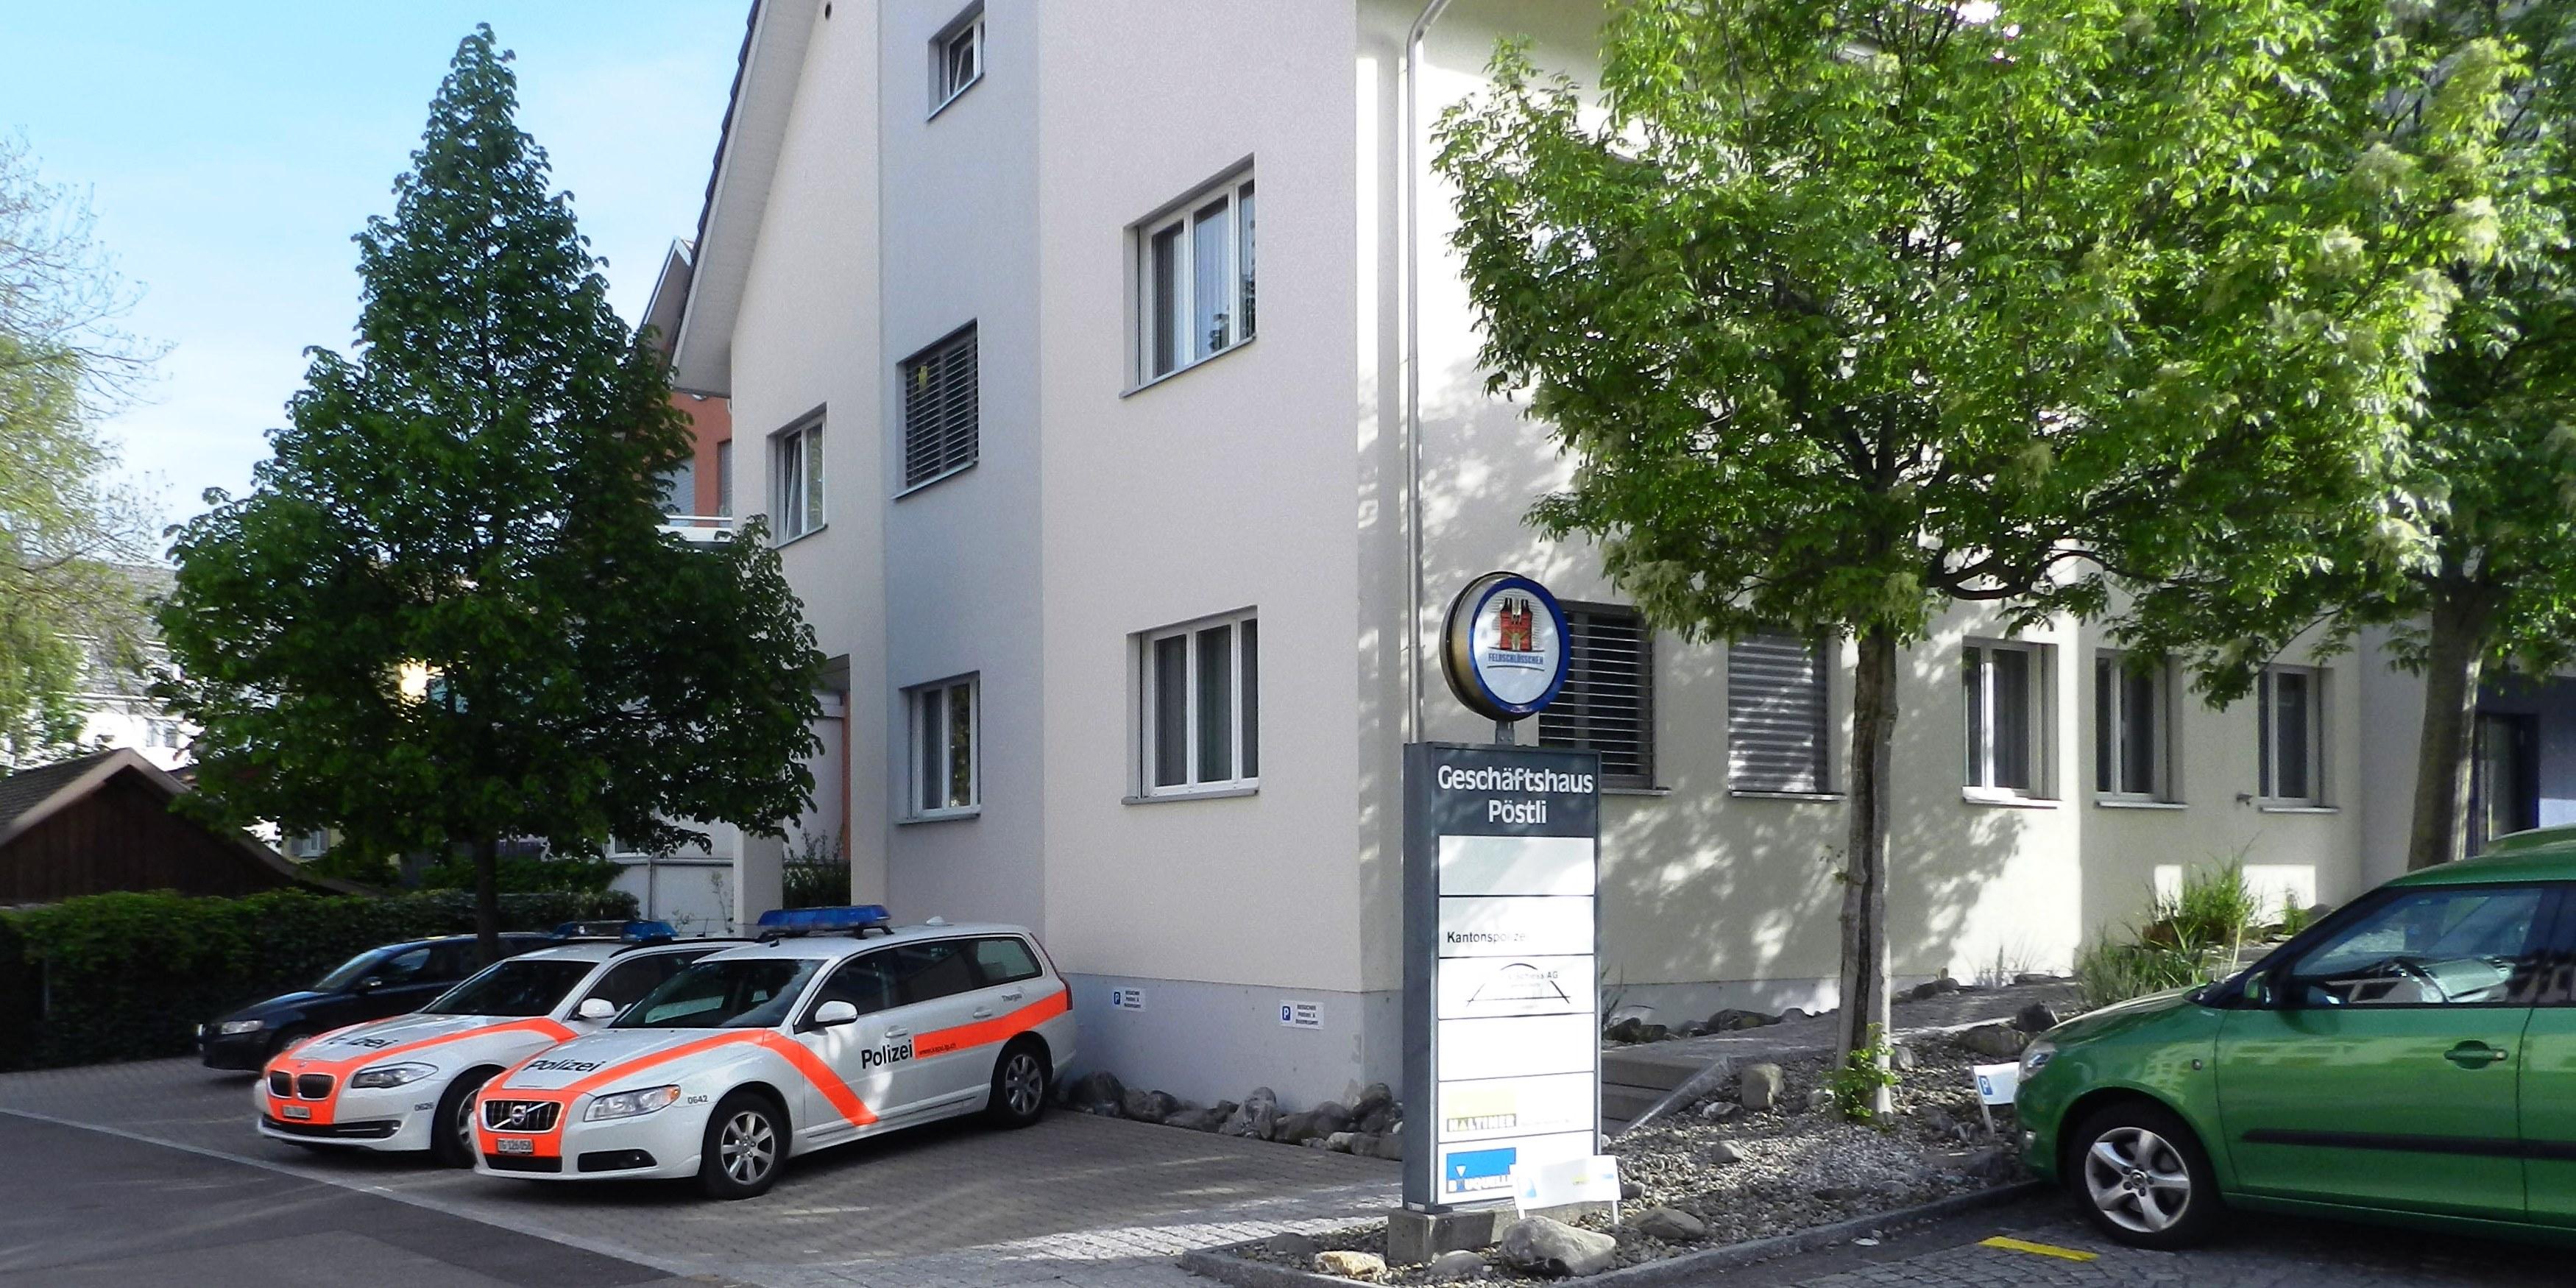 Bild Polizeiposten Münchwilen